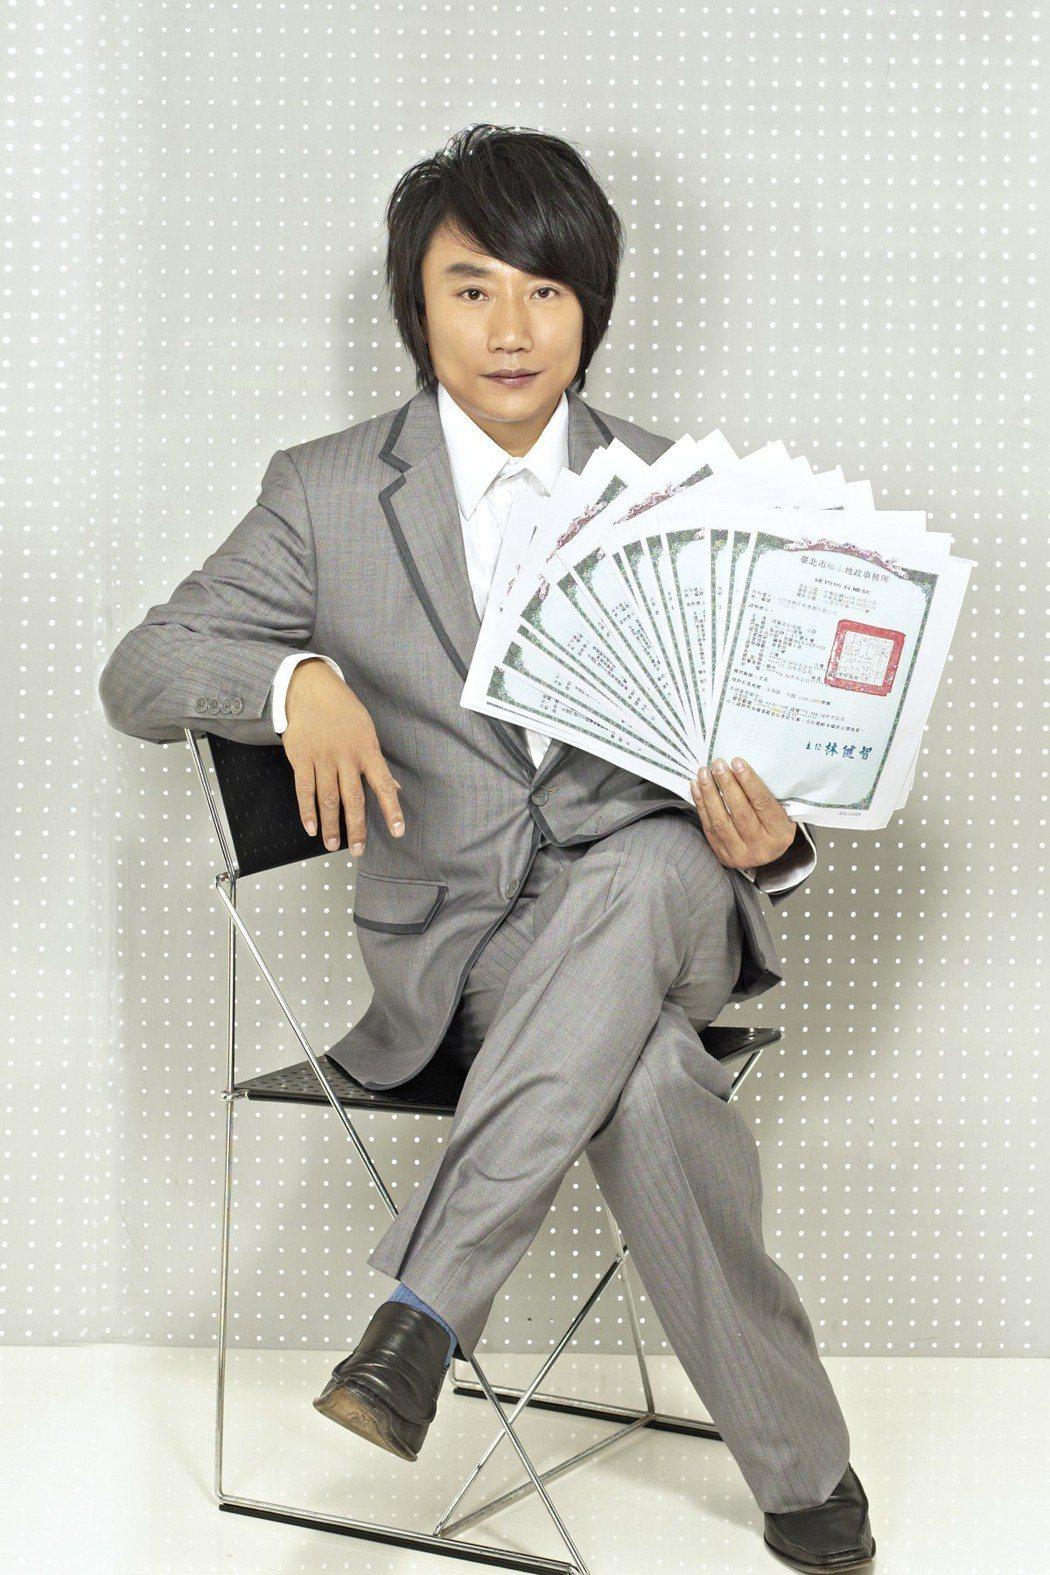 其實早在2010年,秦偉就曾秀出擁有的多間房子權狀,塑造很會理財的形象。 圖/報